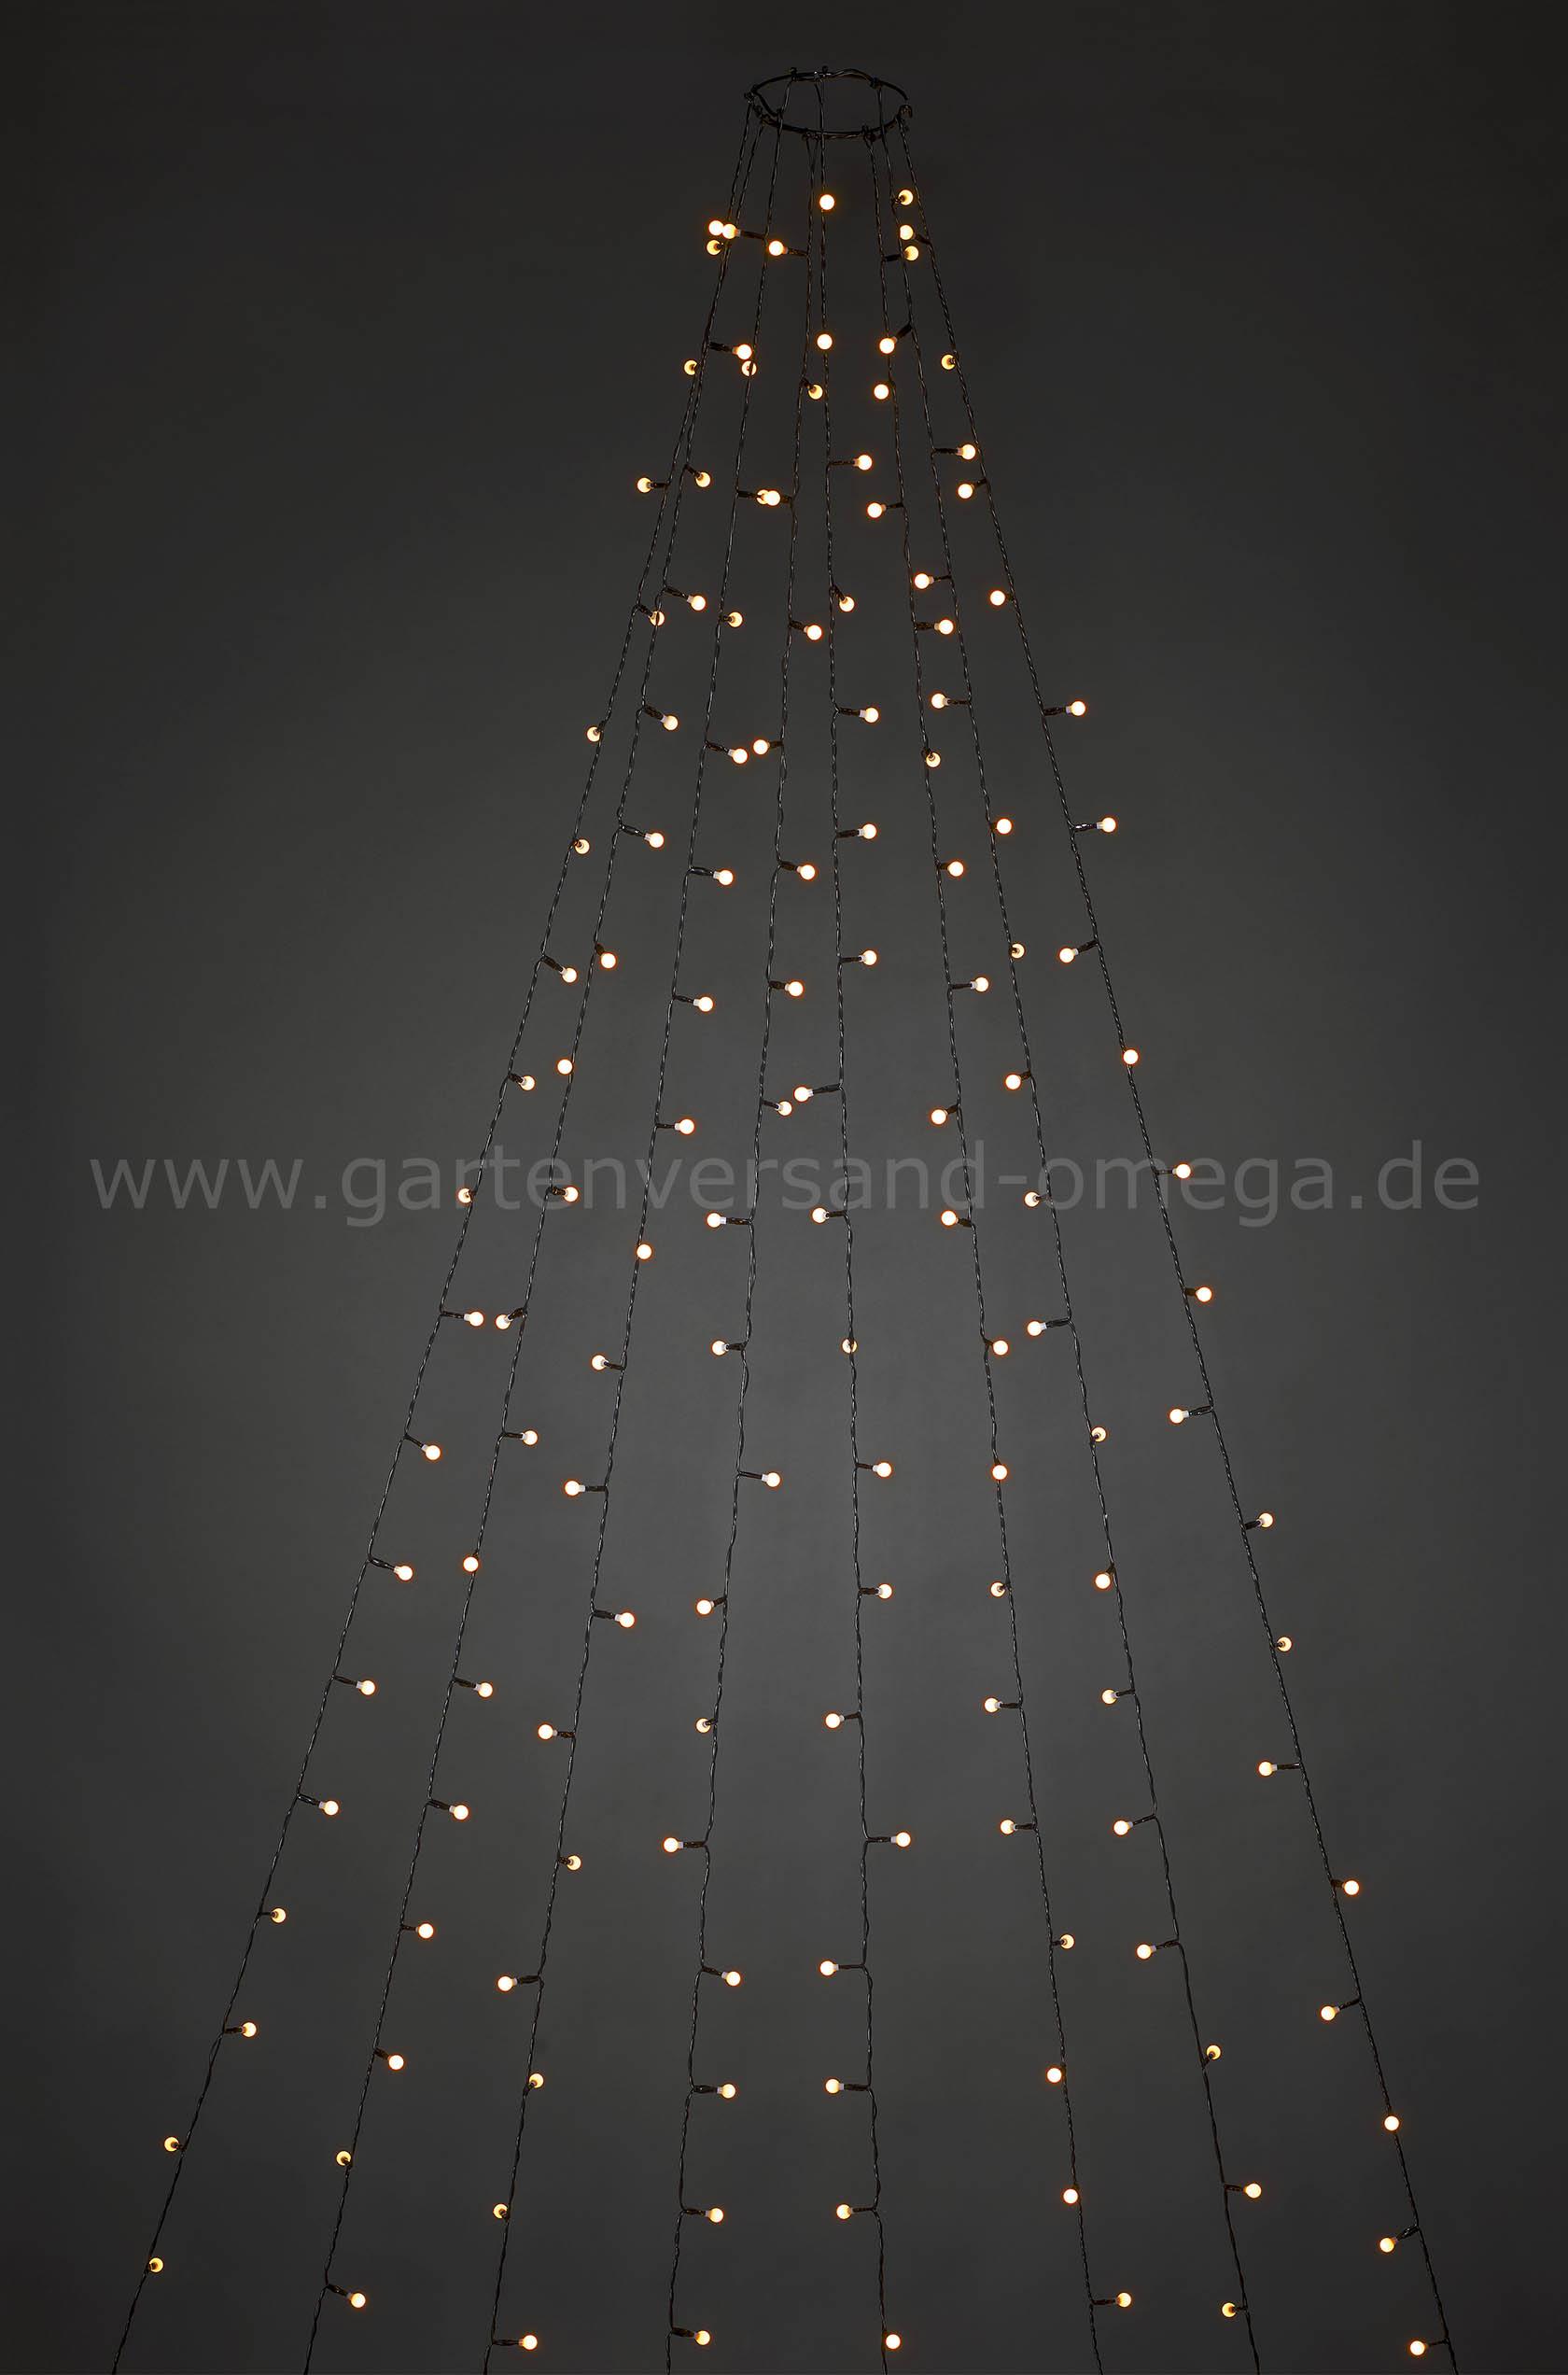 Weihnachtsbeleuchtung Außen Zug.Led Baummantel Lichterkette Für Außen Mit Globes